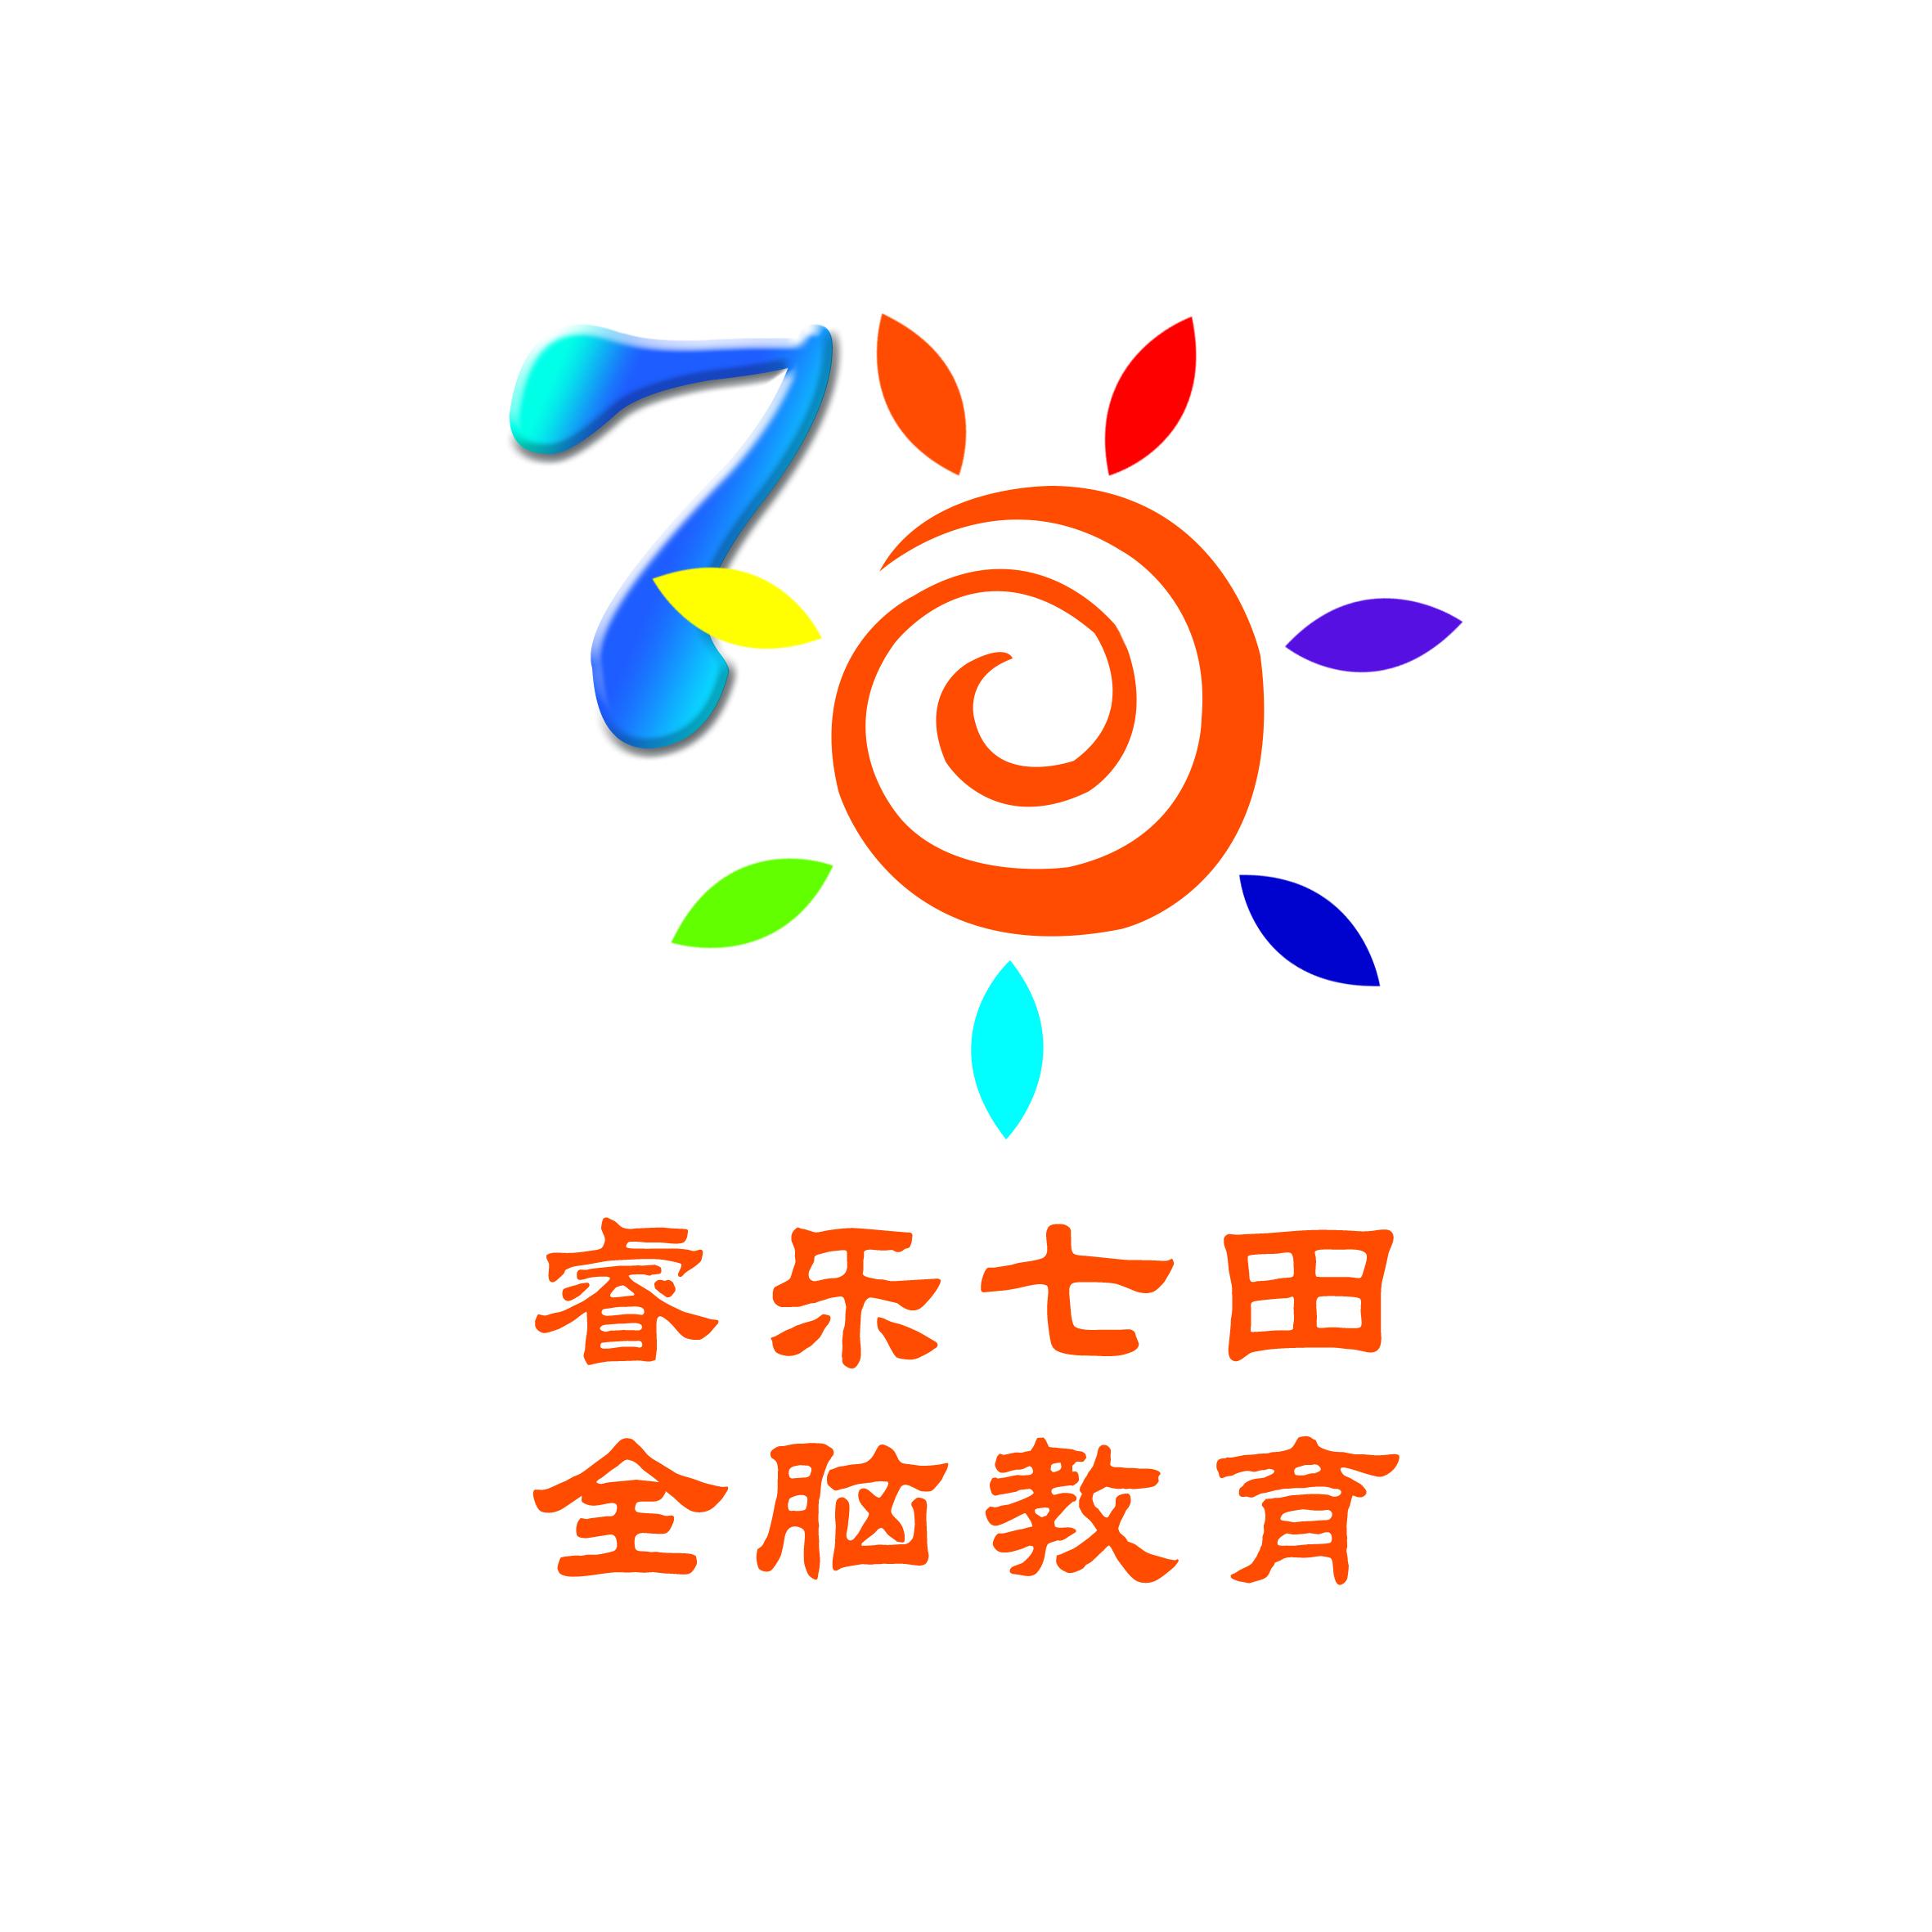 睿乐七田全脑教育加盟